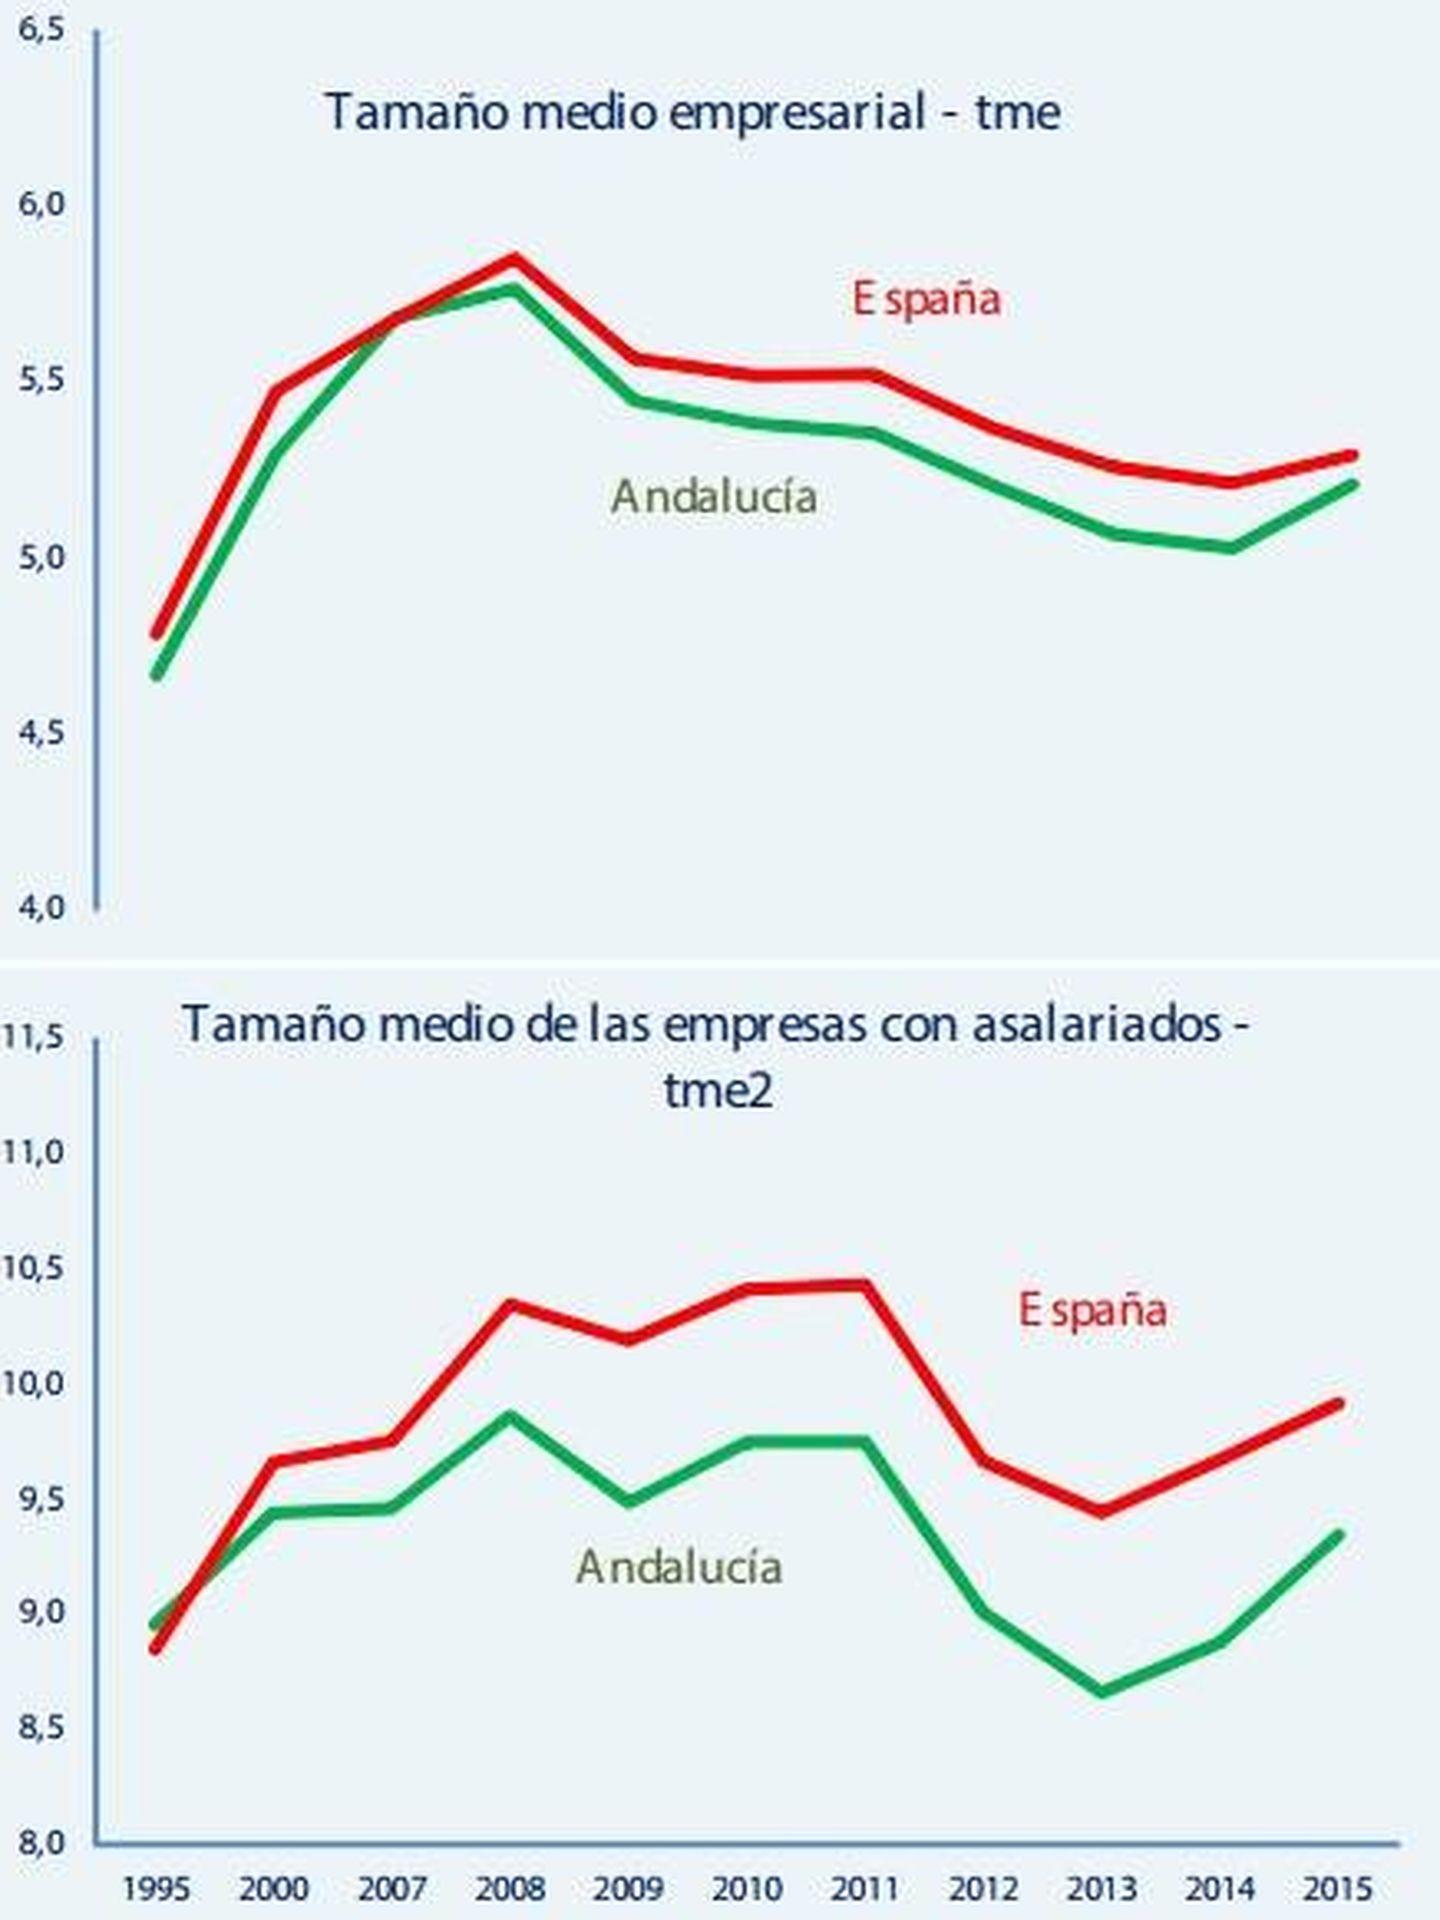 Tamaño medio de las empresas andaluzas vs españolas. (CEA)